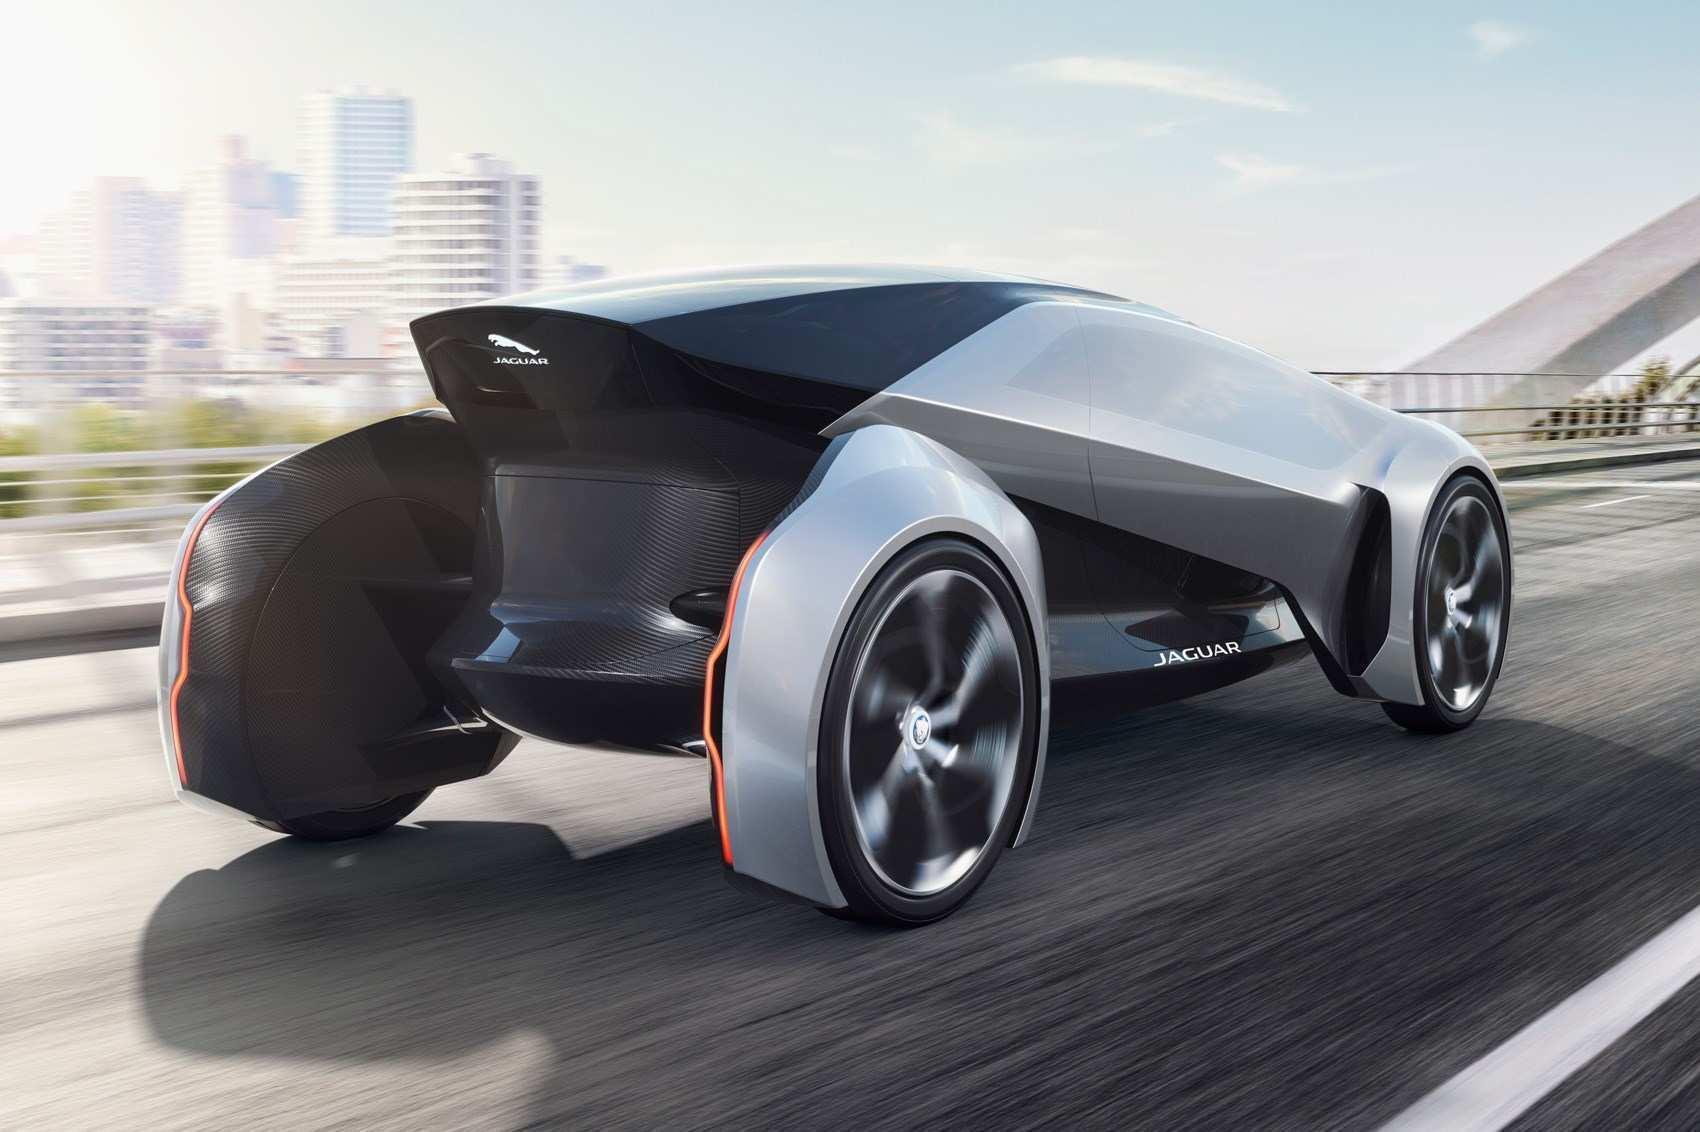 65 Great Jaguar 2020 Vision Rumors with Jaguar 2020 Vision